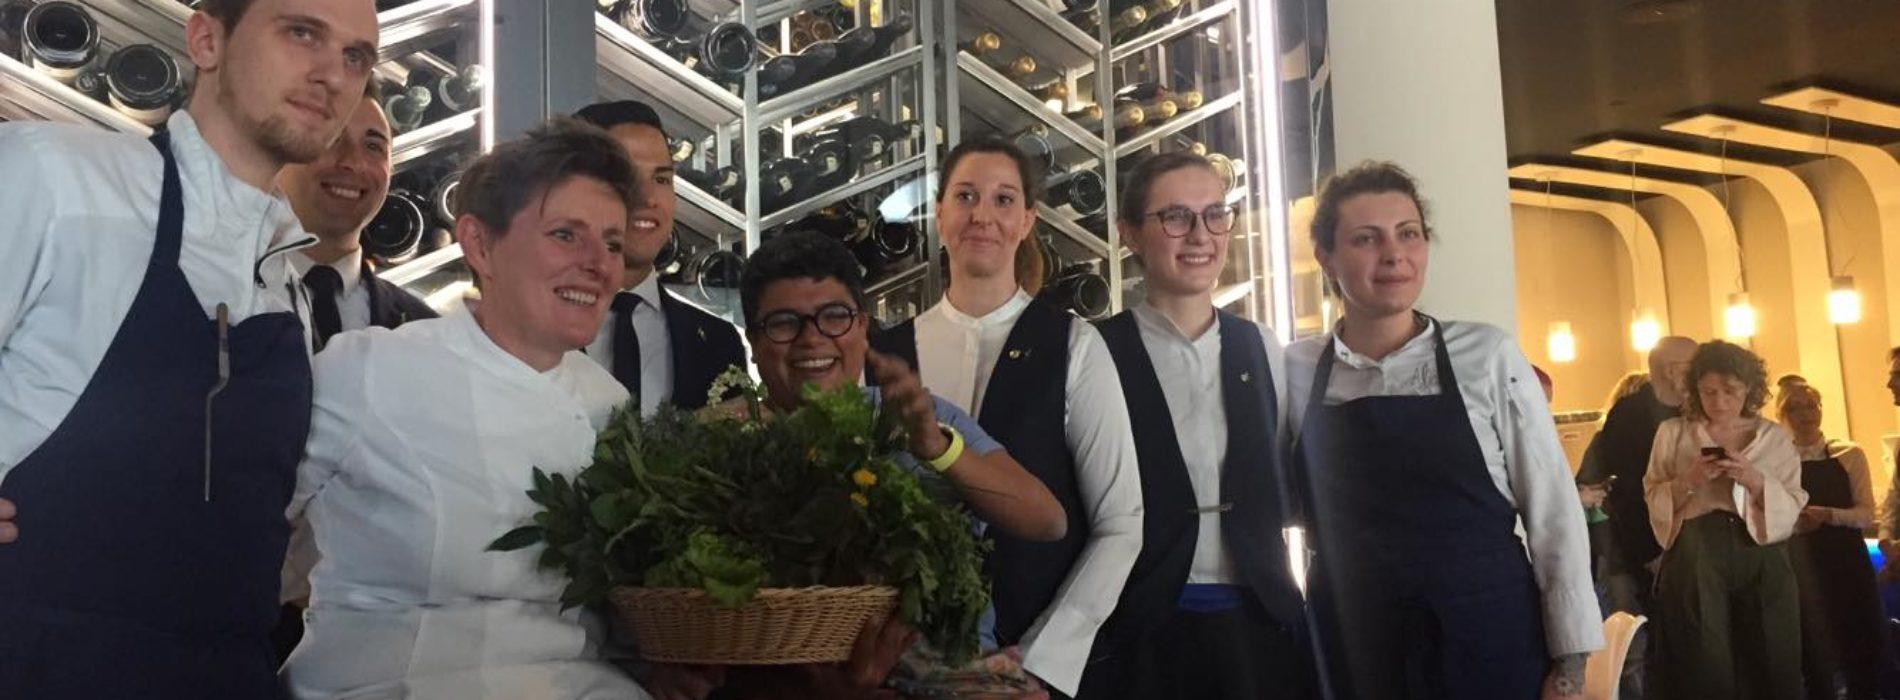 Viva Milano, Alice ristorante cambia tutto con la chef stellata Viviana Varese e la collaborazione di Ritu Dalmia